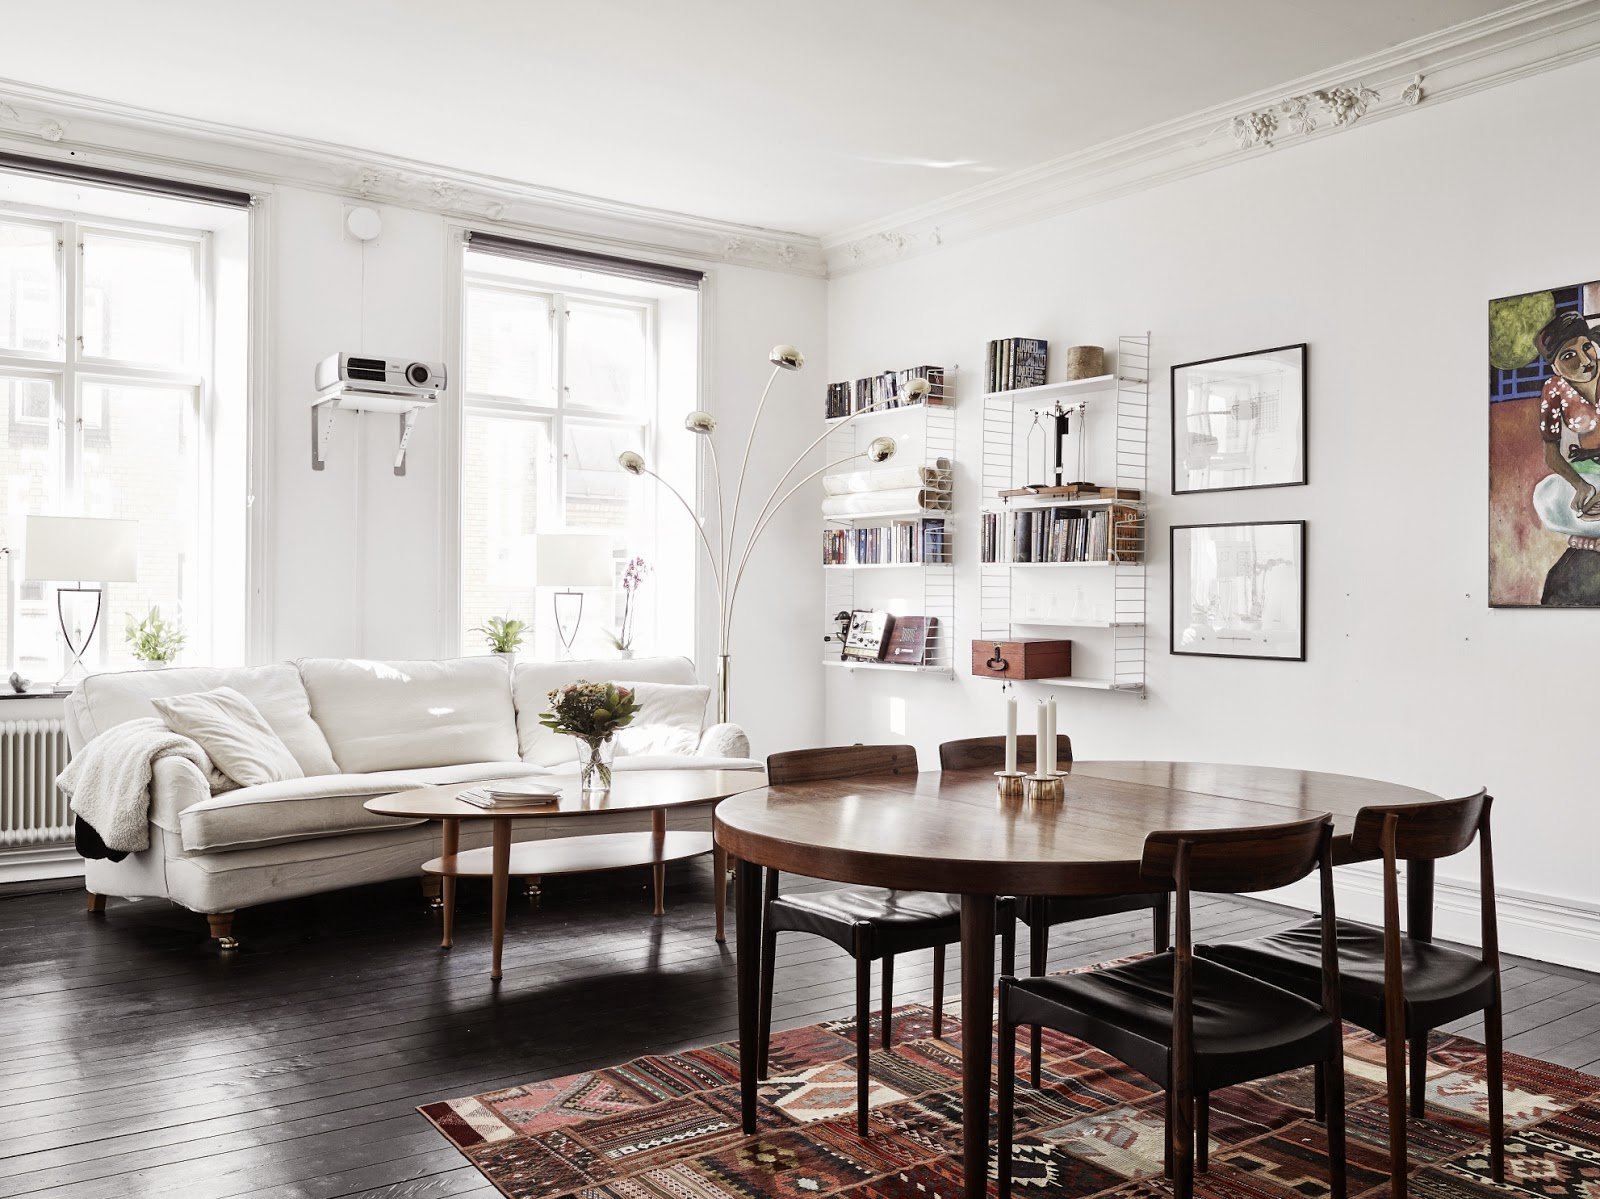 Soggiorno colori neutri idee per il design della casa - Colori x interni casa ...